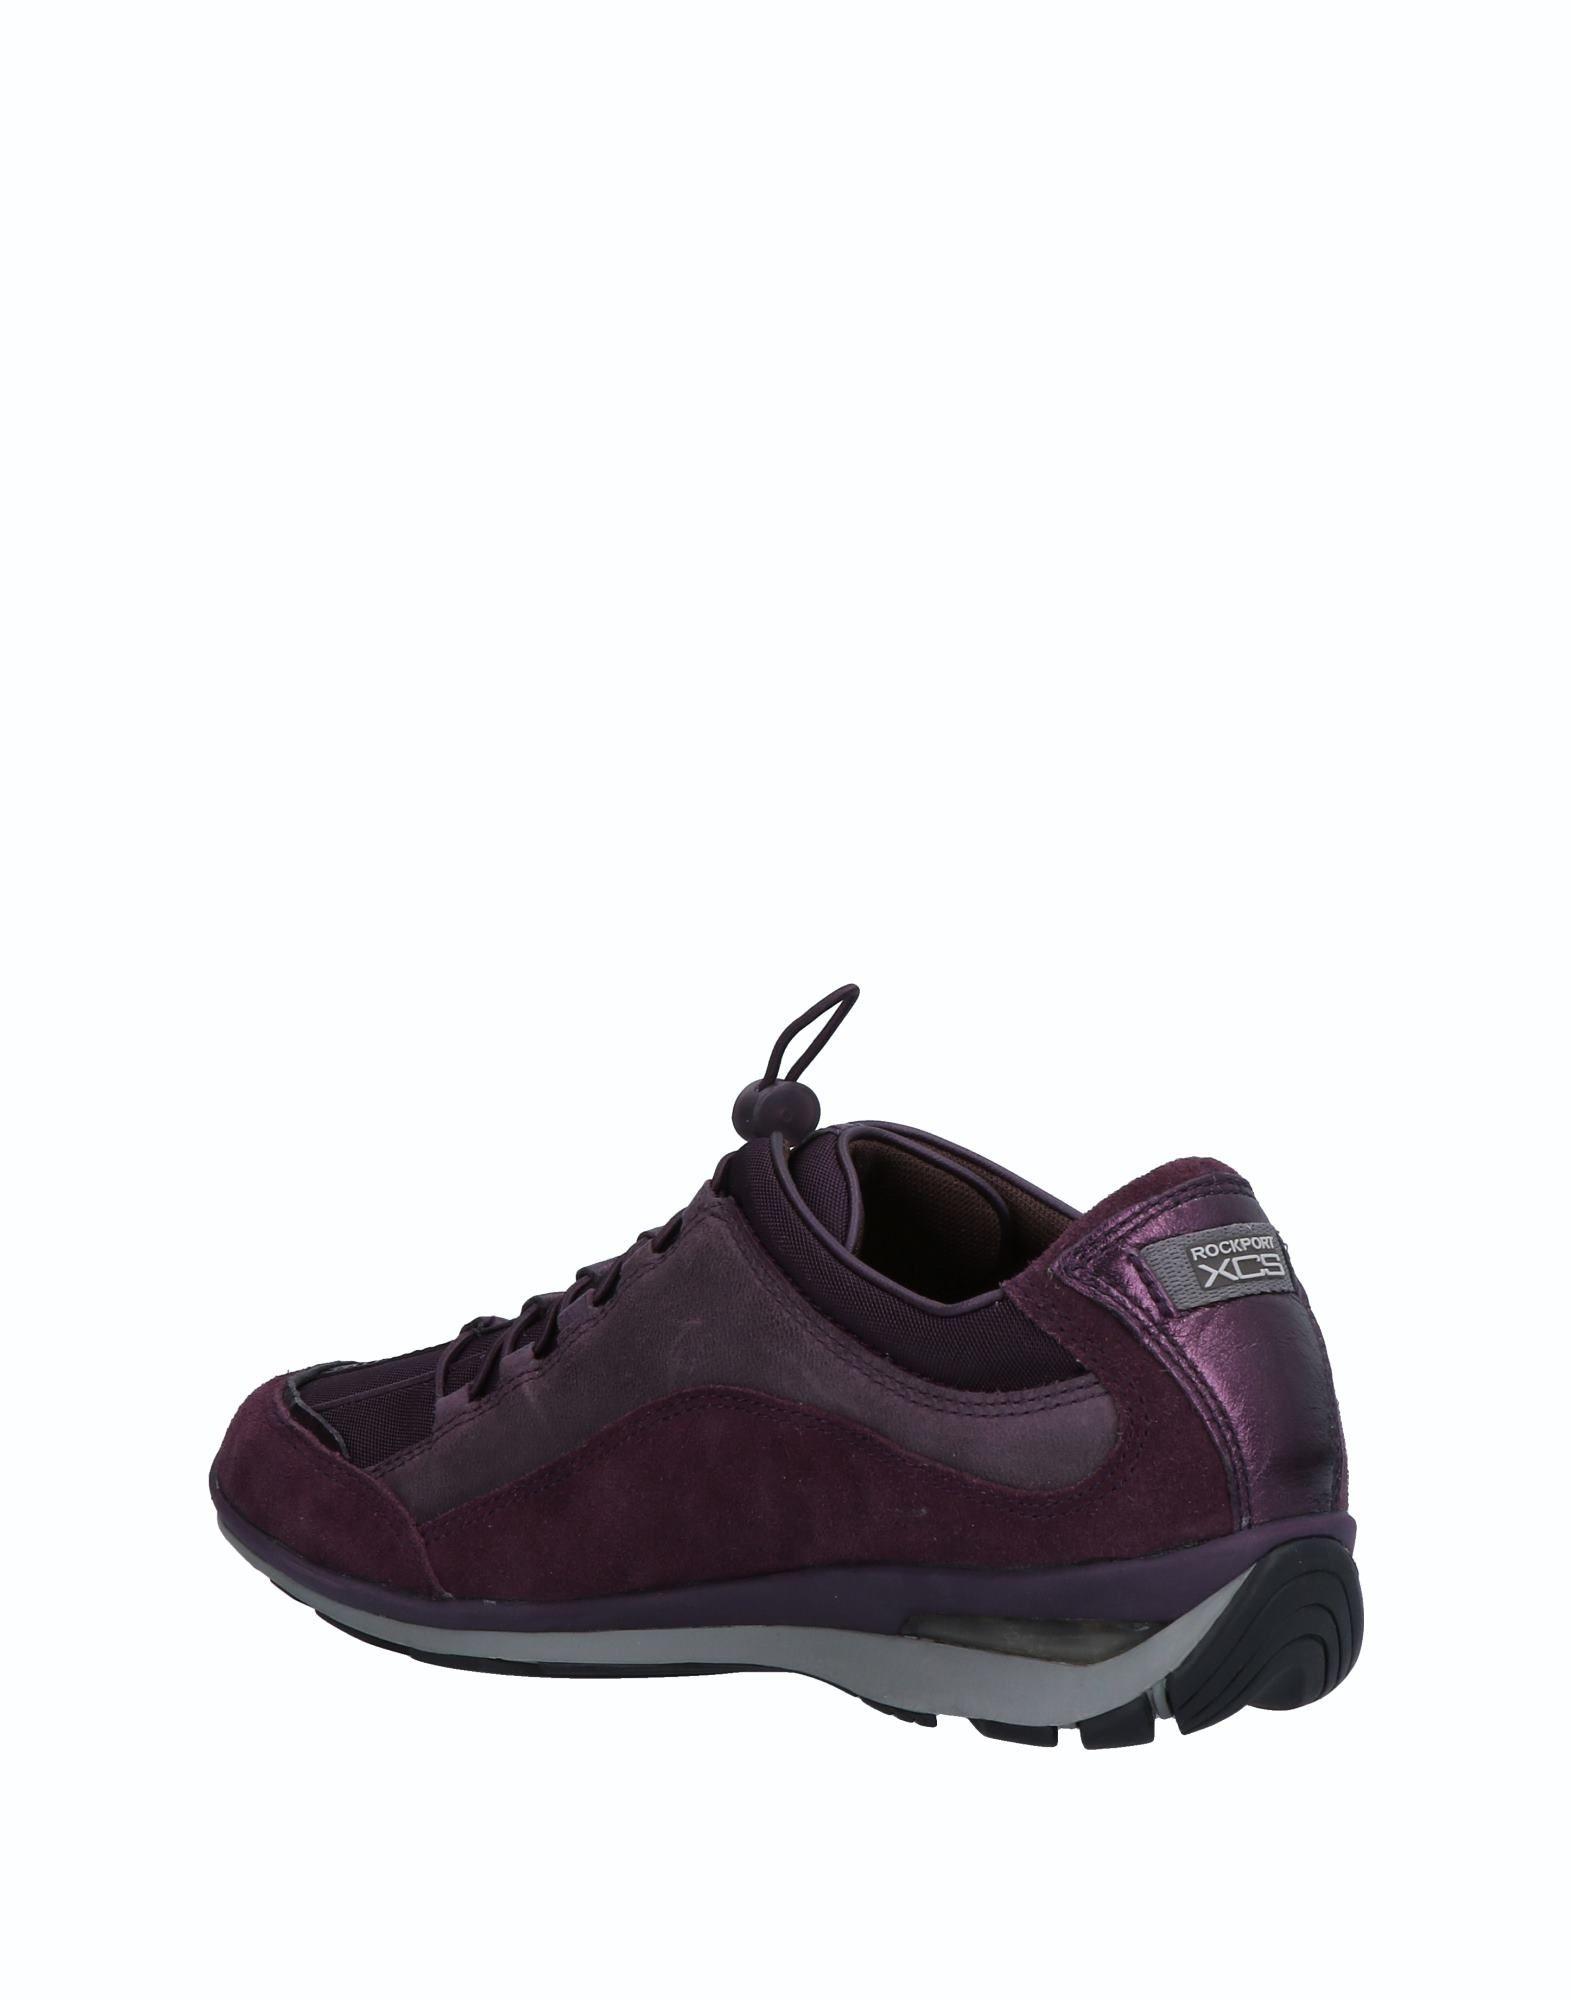 Rockport Sneakers Qualität Damen  11509267BR Gute Qualität Sneakers beliebte Schuhe b3f5e9